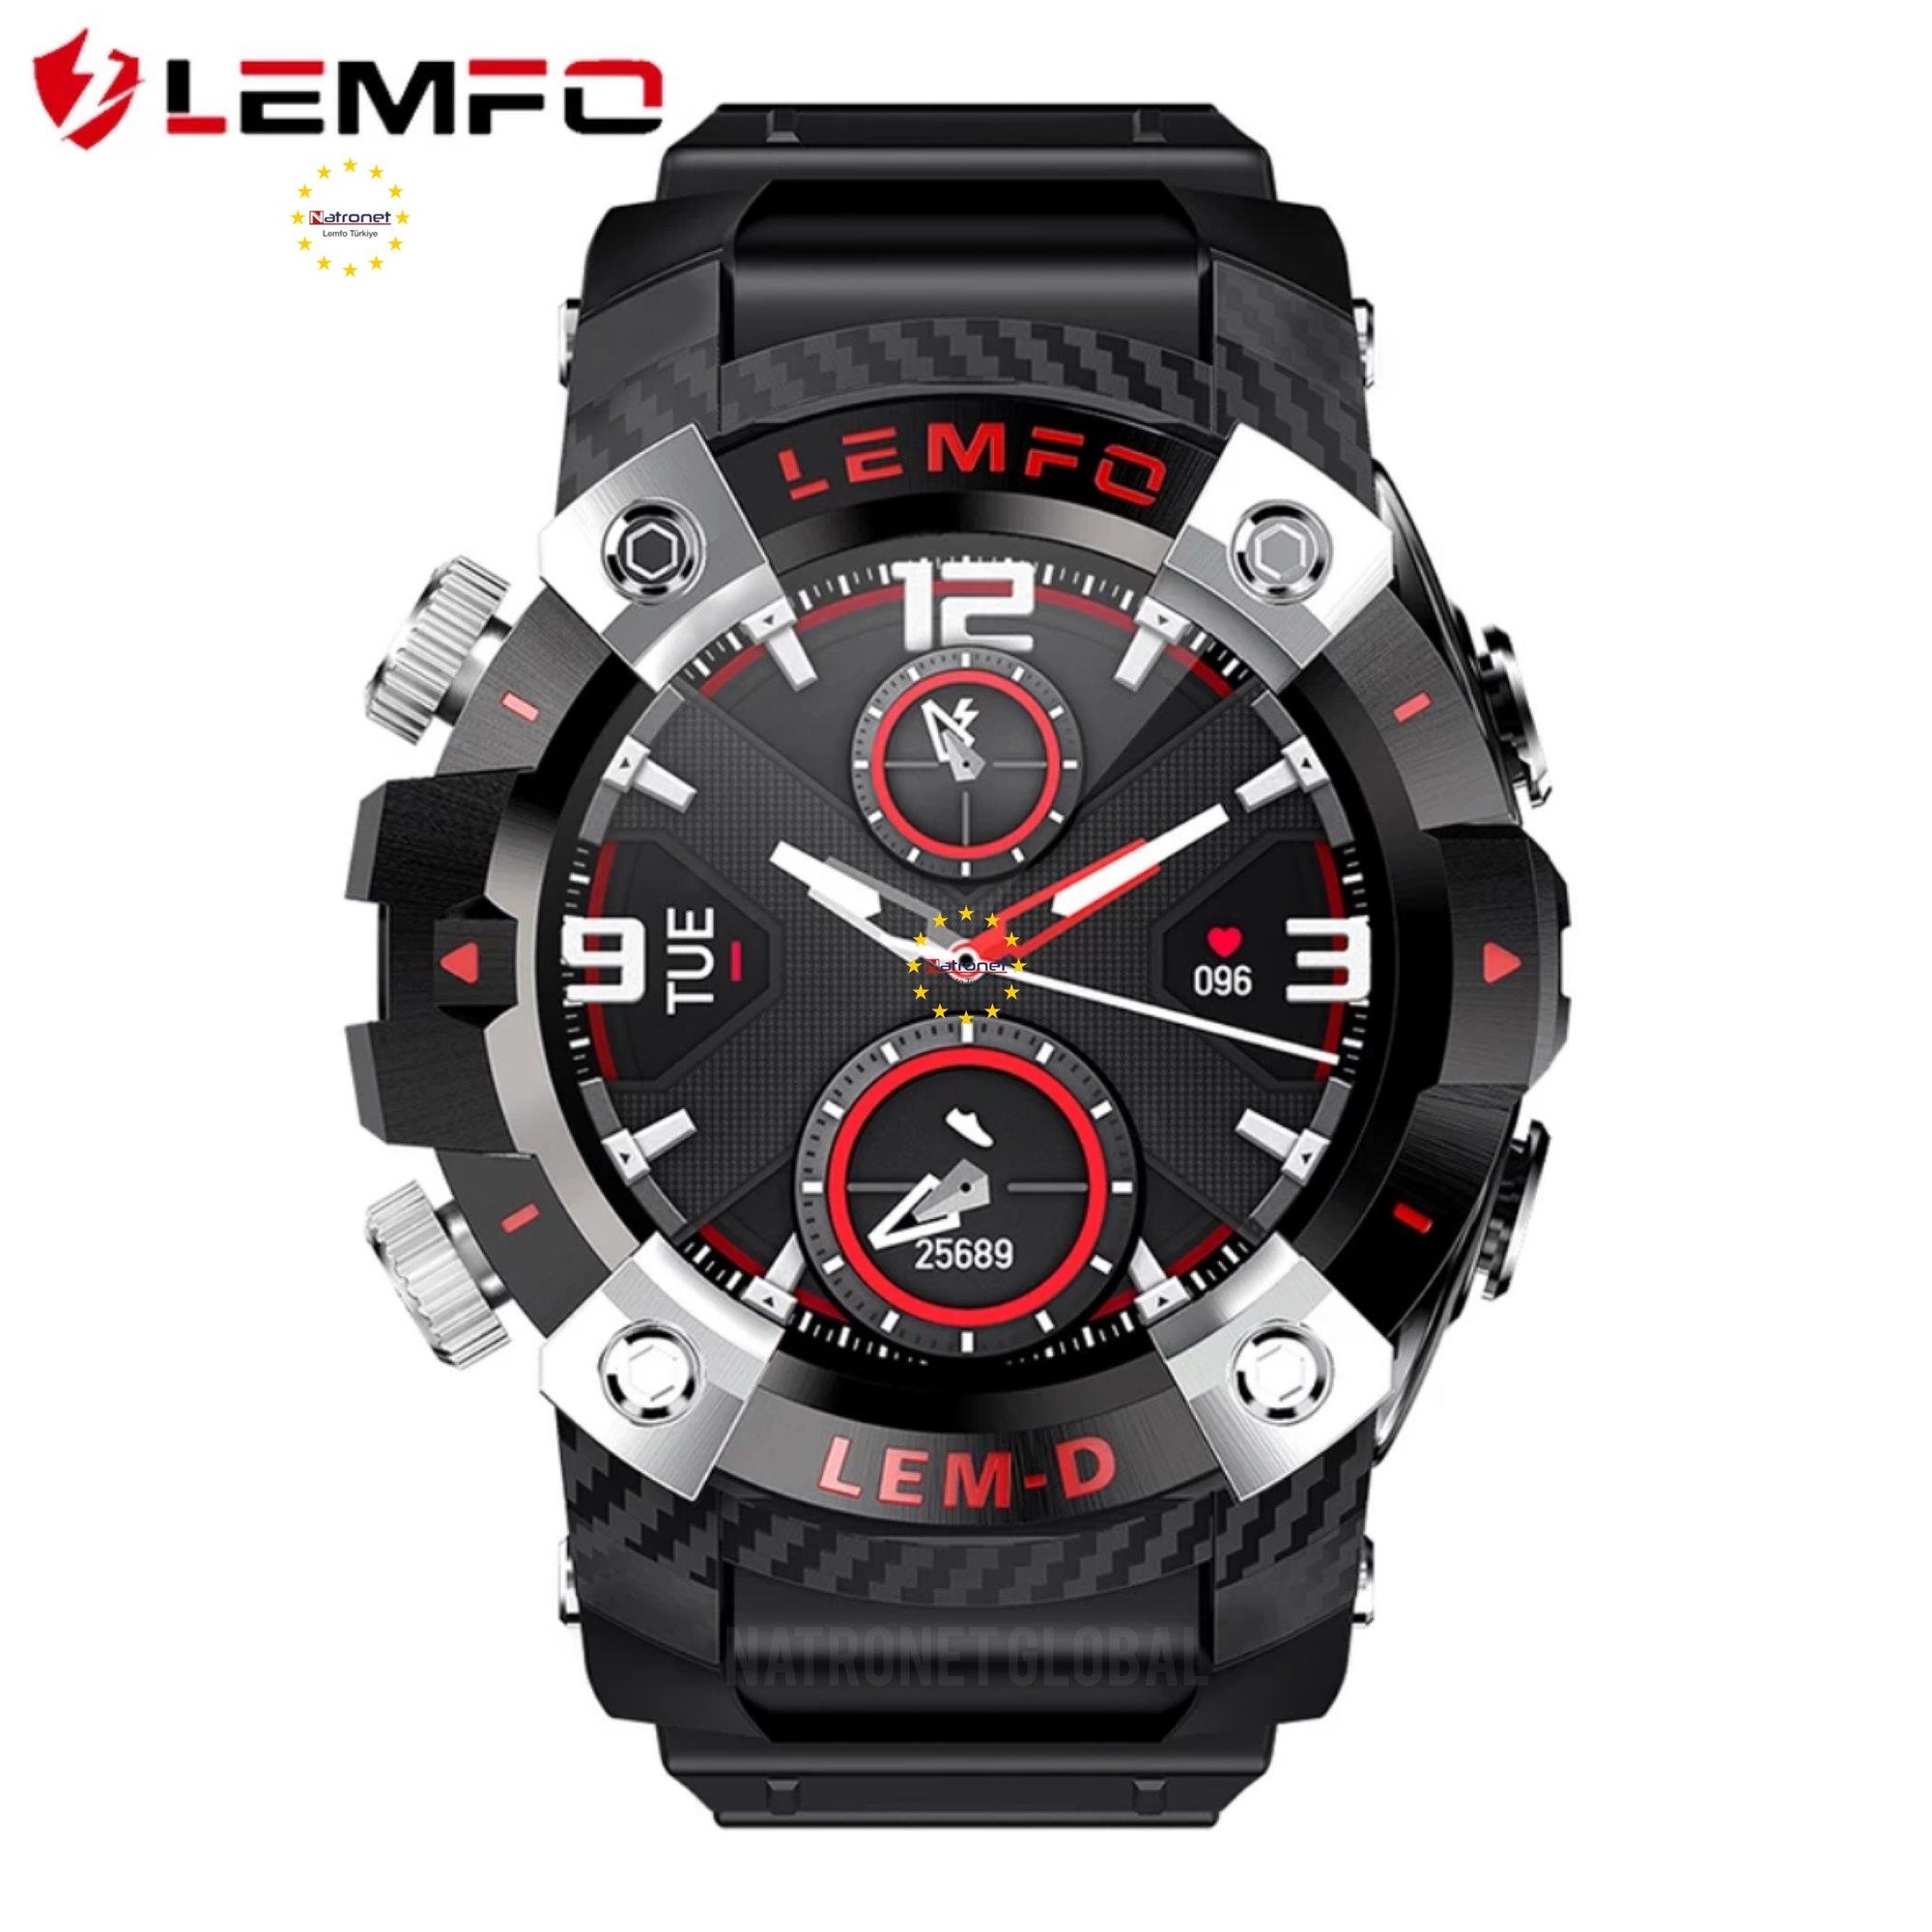 Lemfo LEMD Akıllı Saat Kampanyası Yeni Amiral Gemisi